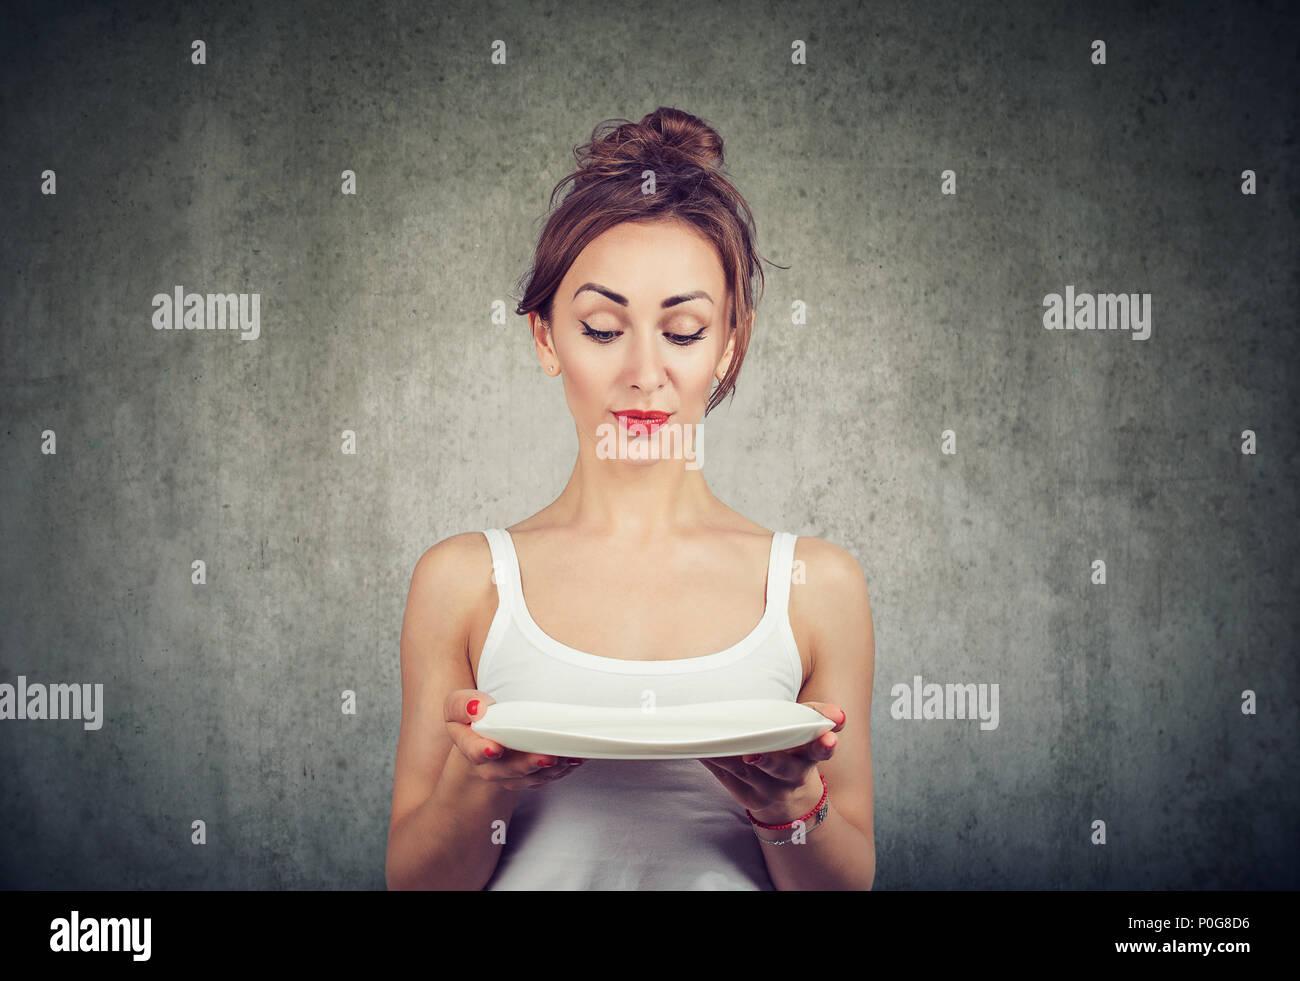 Flaco joven chica sujetando la placa de vacío y buscando dudoso con las restricciones de dieta de pie en gris Imagen De Stock